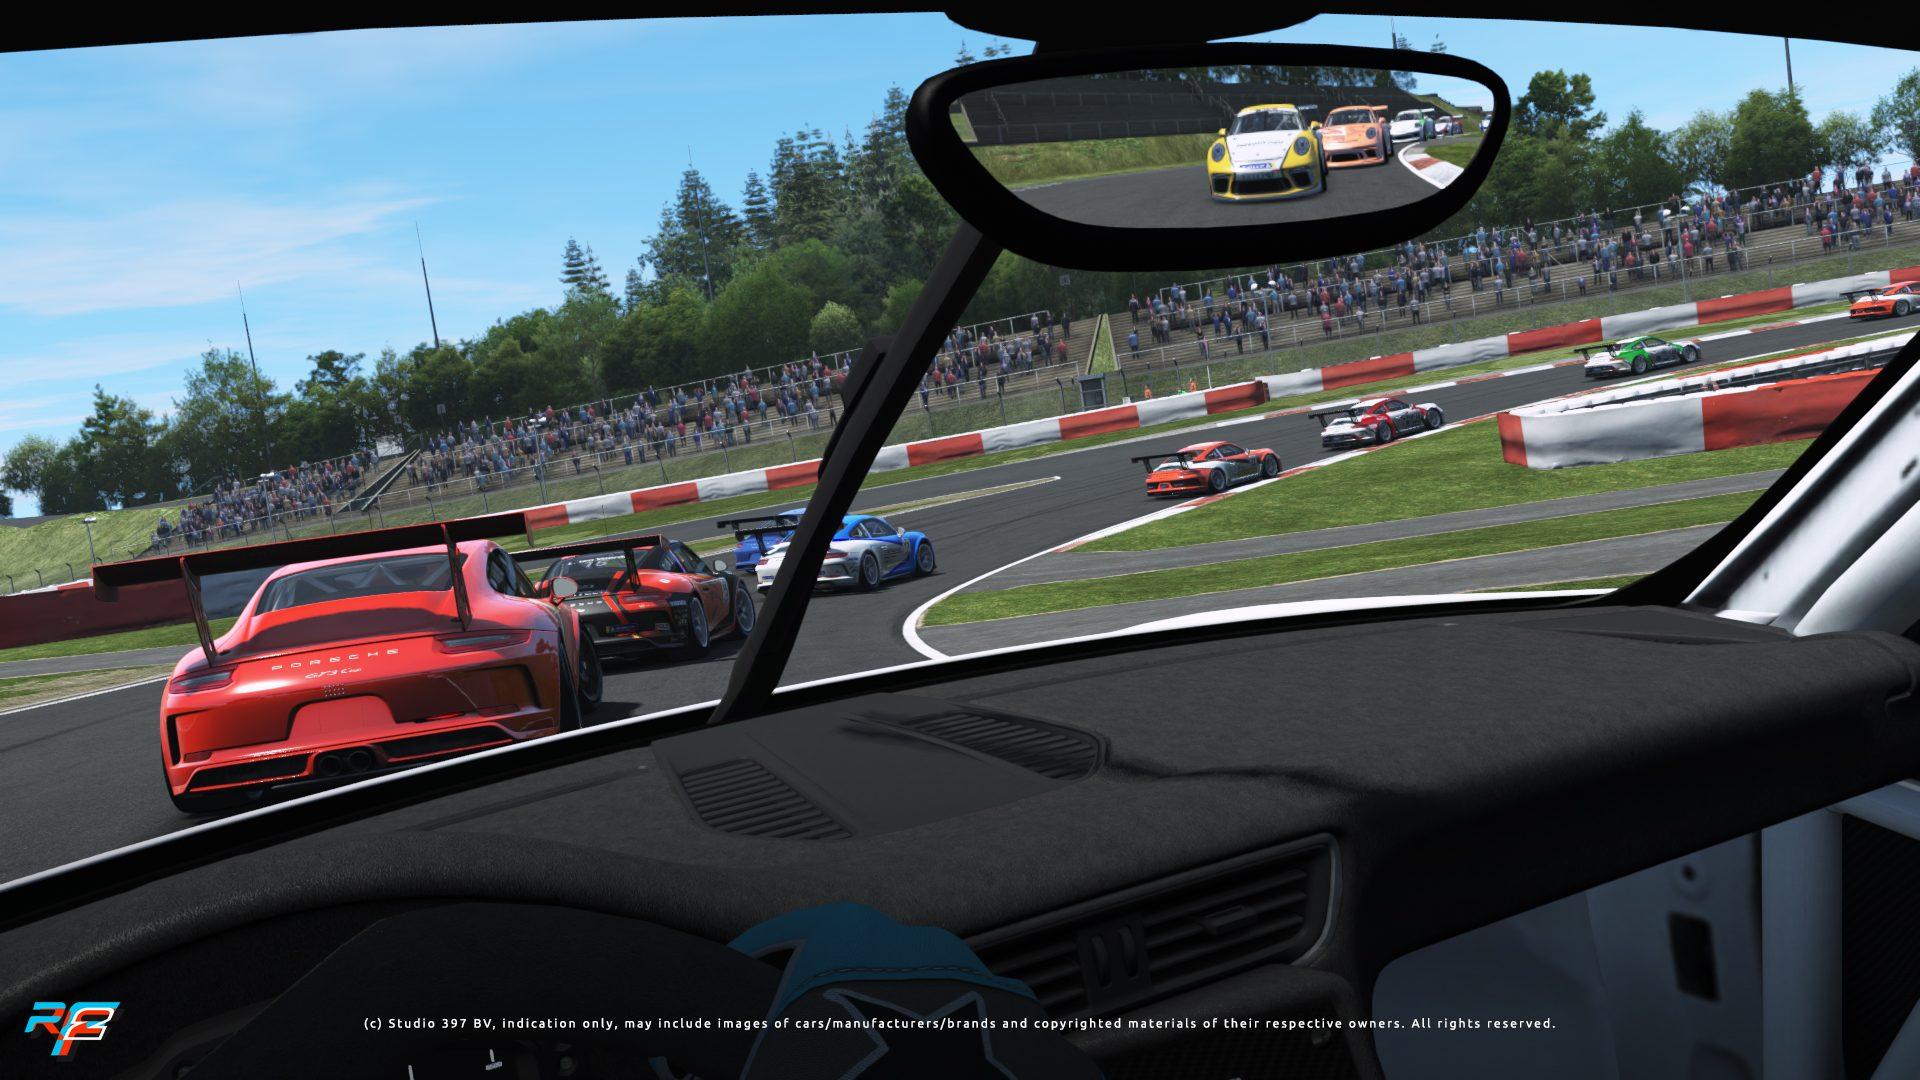 nurburgring_sprint_01-1920x1080.jpg